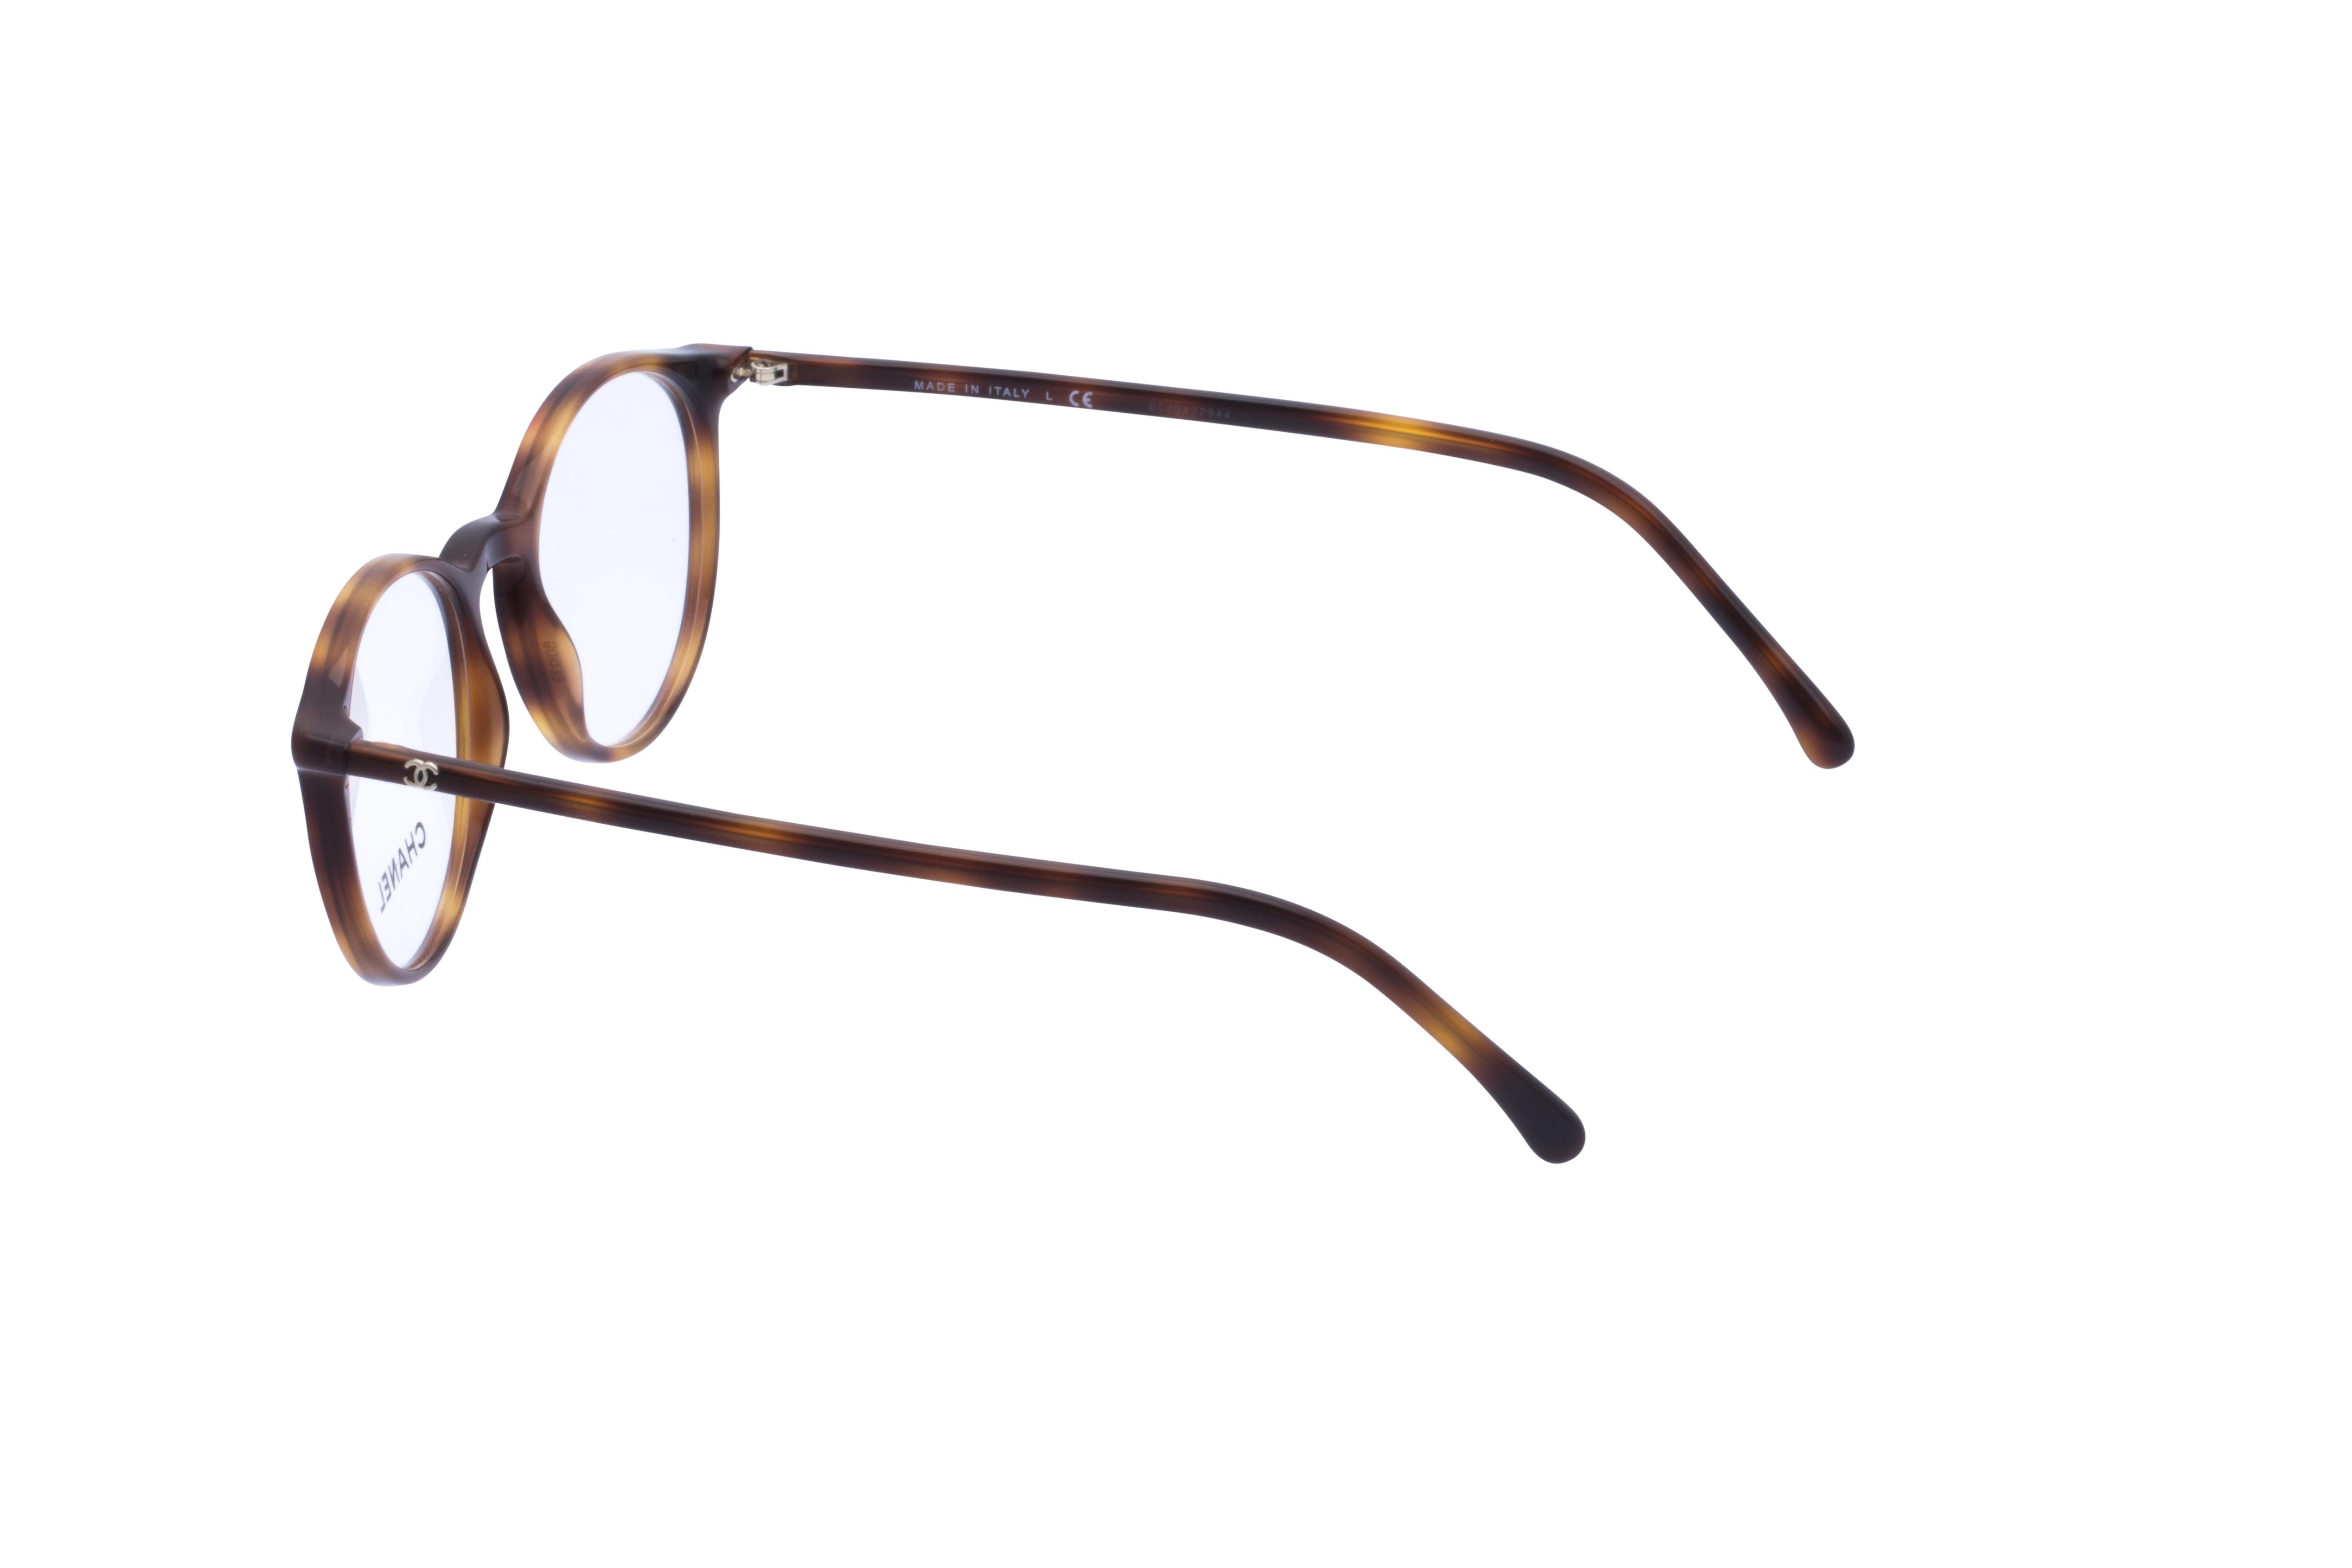 360 Grad Ansicht 17 Chanel 3372 Frontansicht, Brille auf Weiß - Fassung bei KUNK